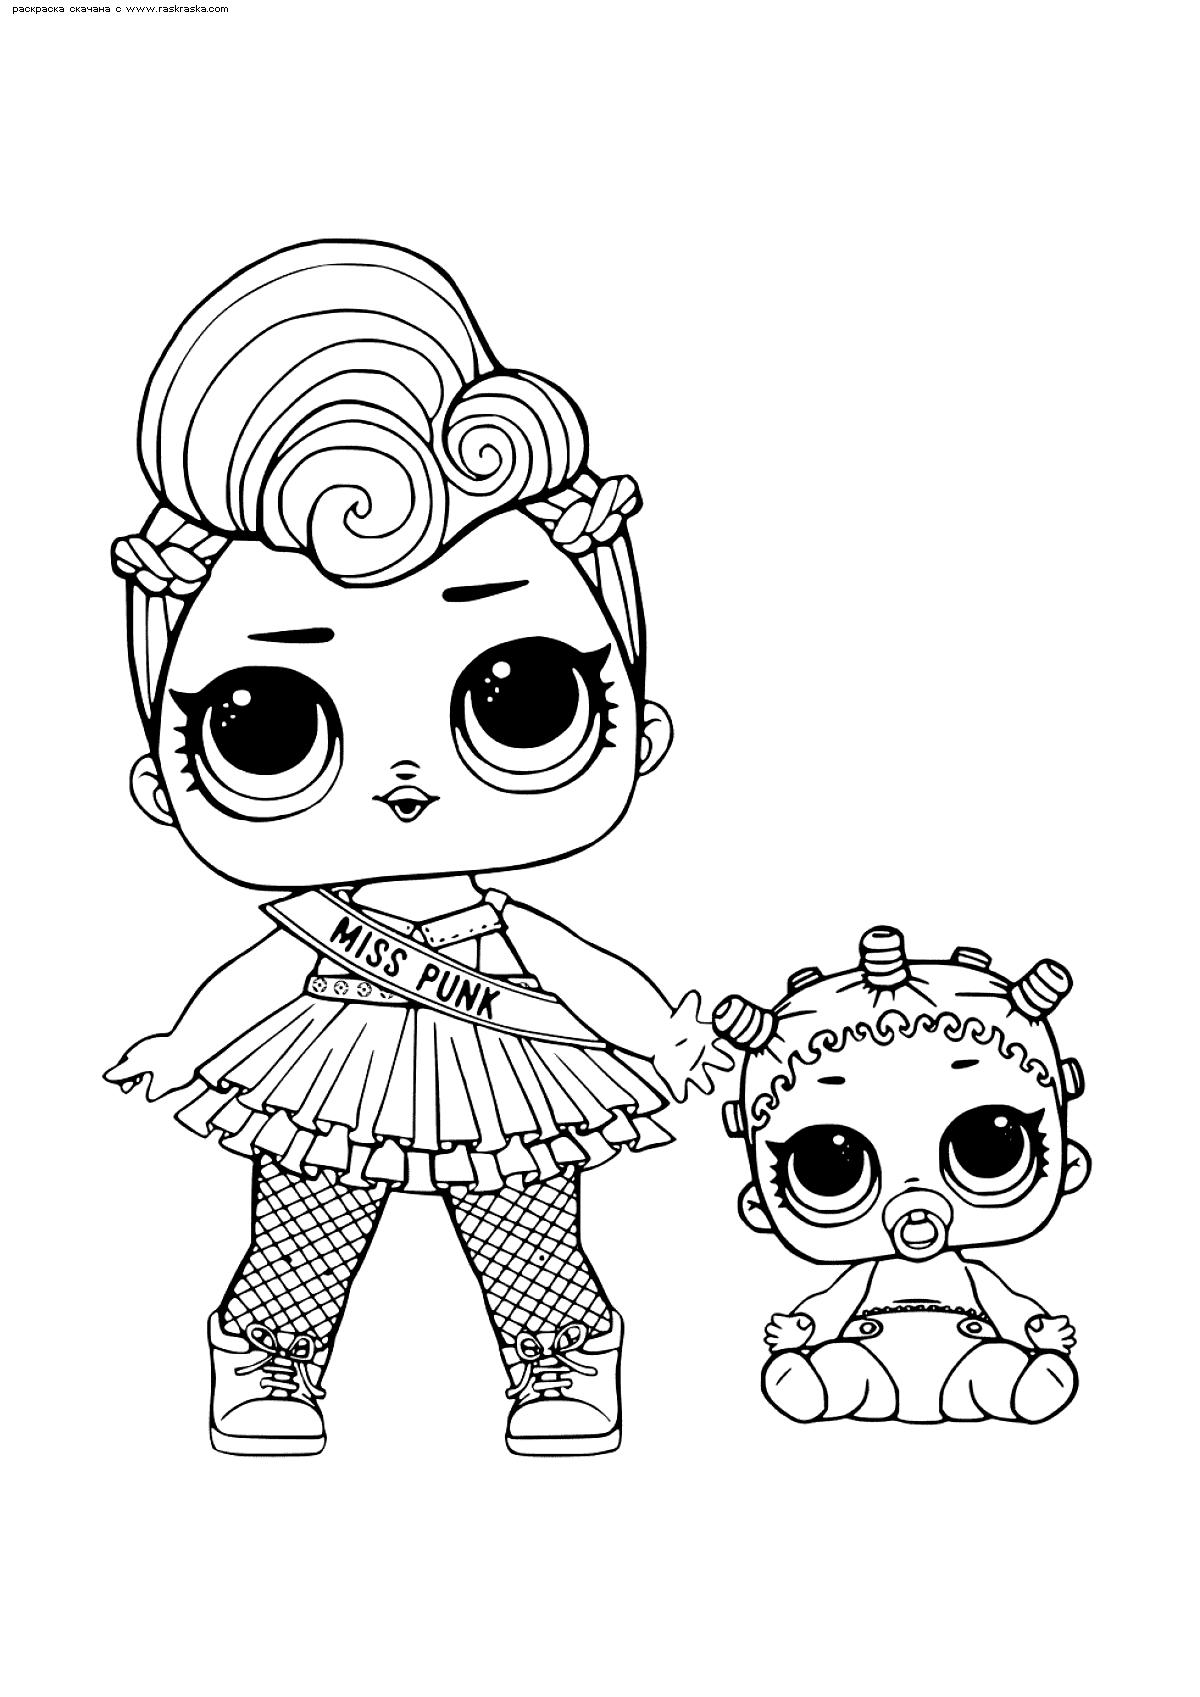 Раскраска ЛОЛ Мисс Панк с малышкой. Раскраска лол